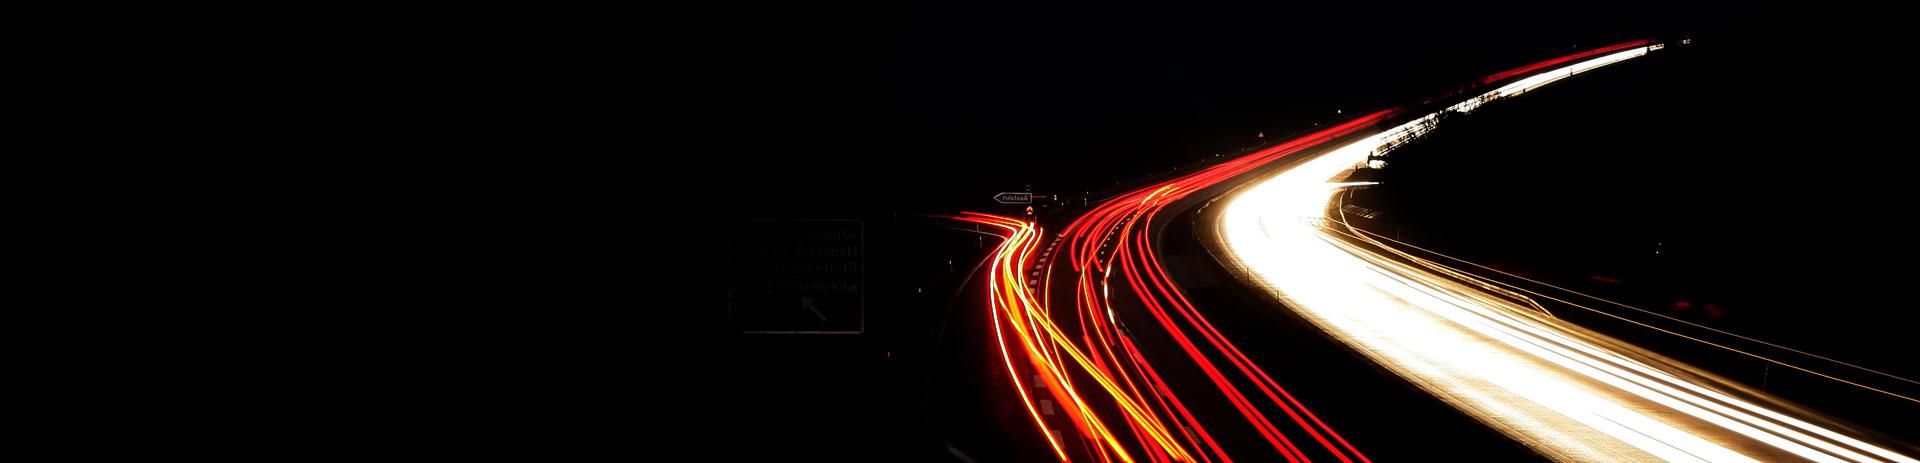 Autobahn in der Nacht mit weißen und roten Leuchtstreifen